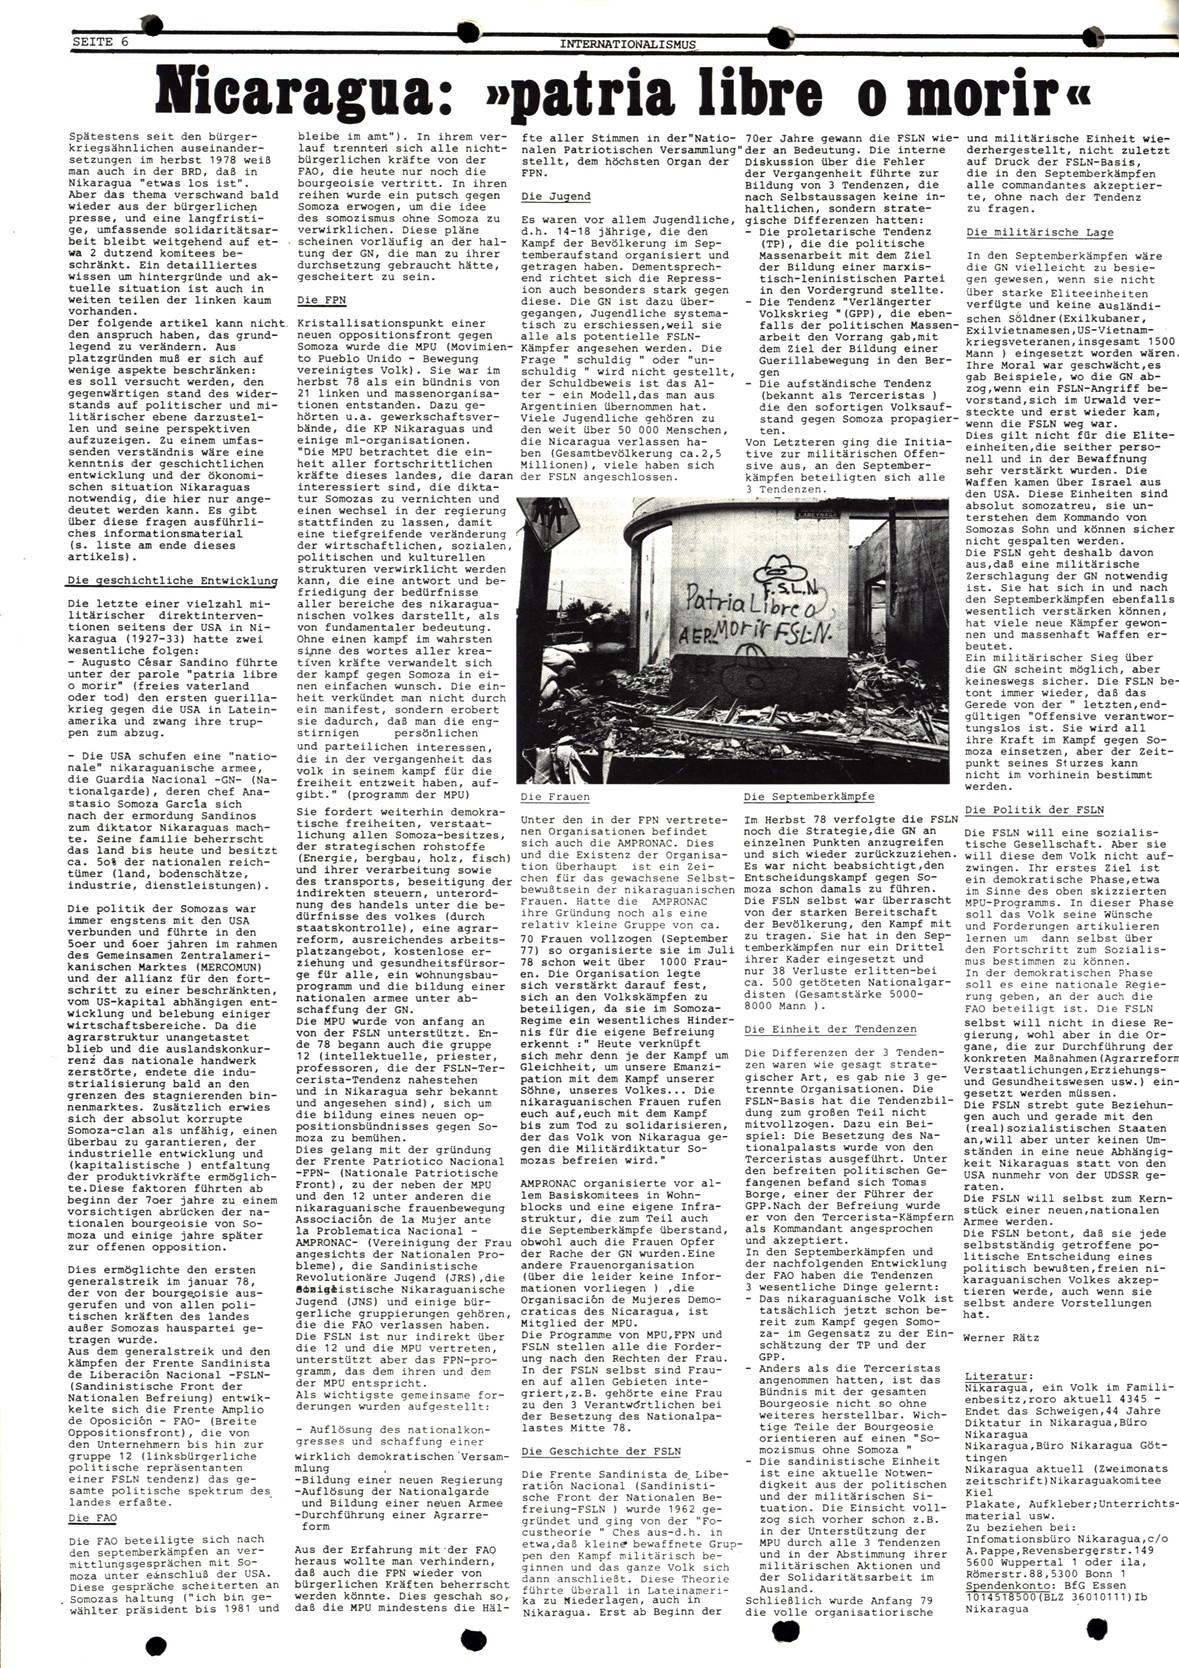 Bonner_Volksblatt_25_19790530_06